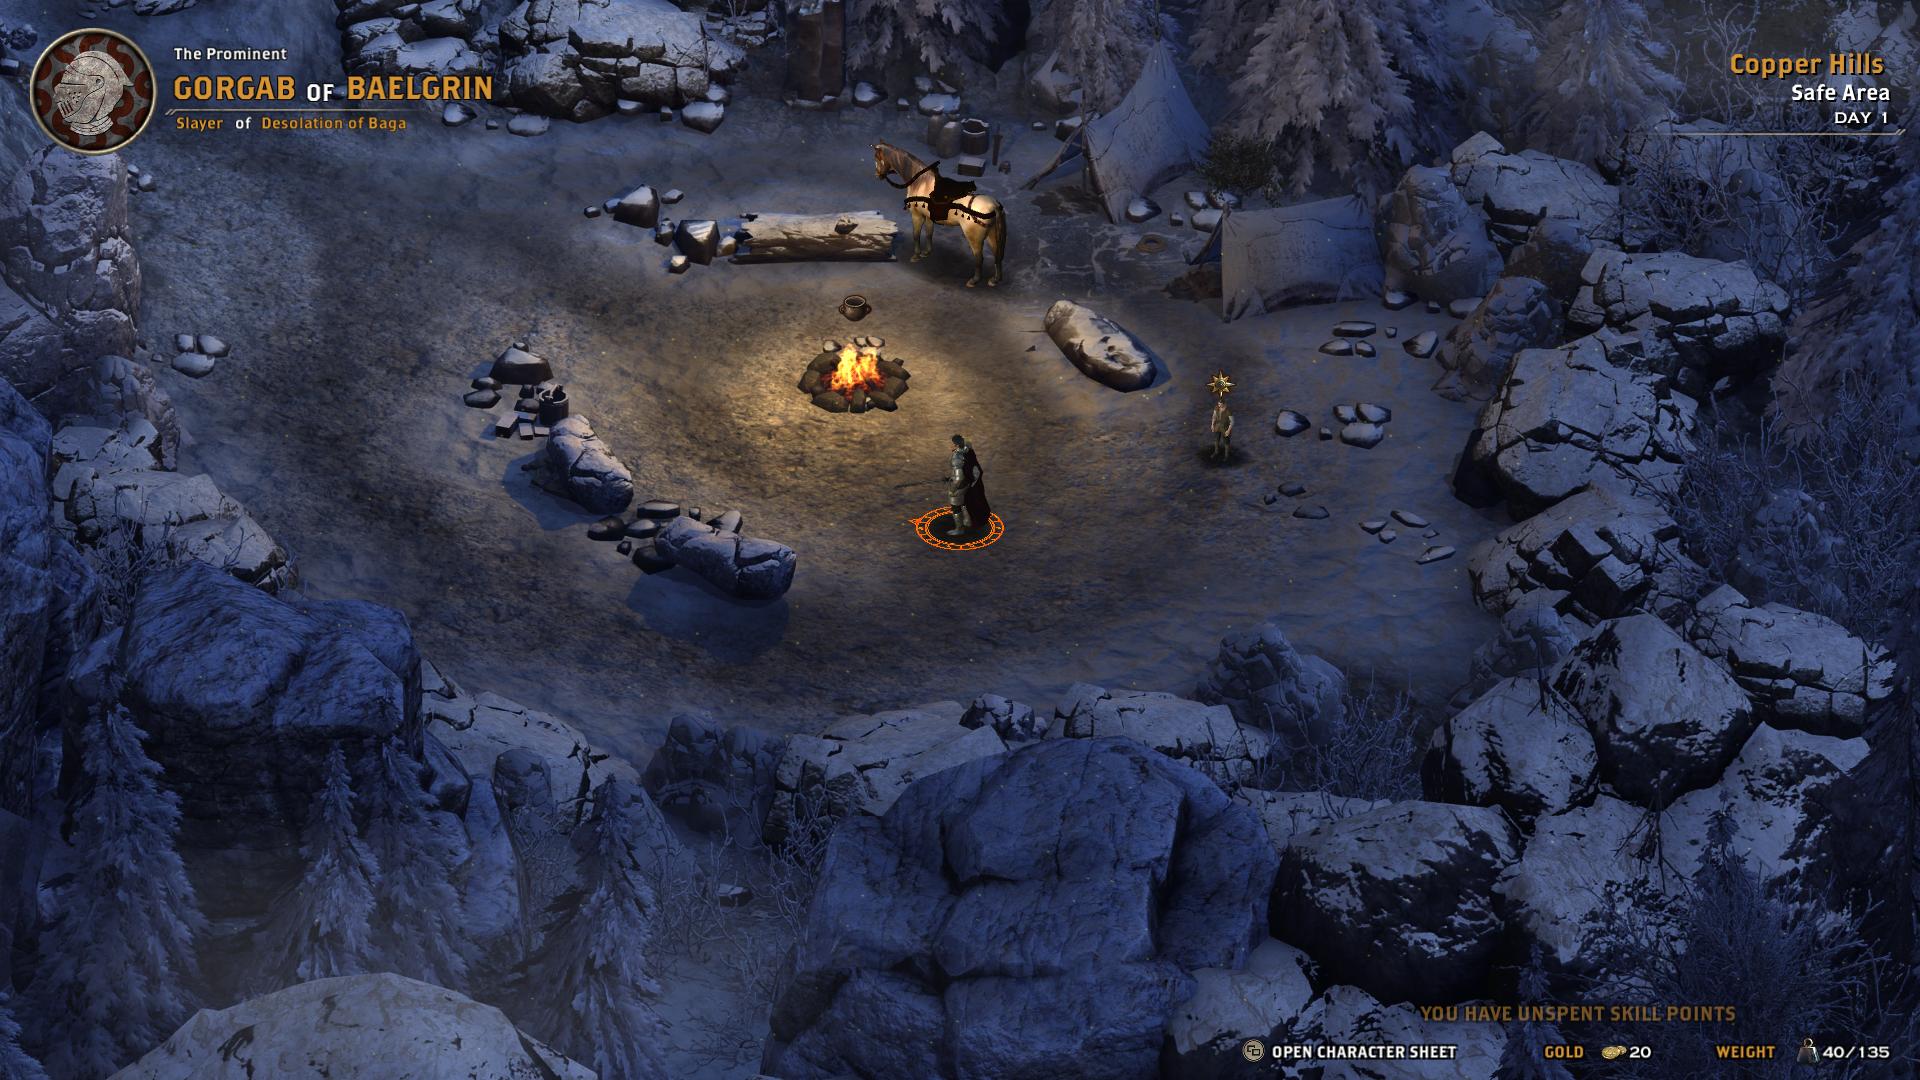 Gli accampamenti sono fondamentali per pianificare le battaglie.